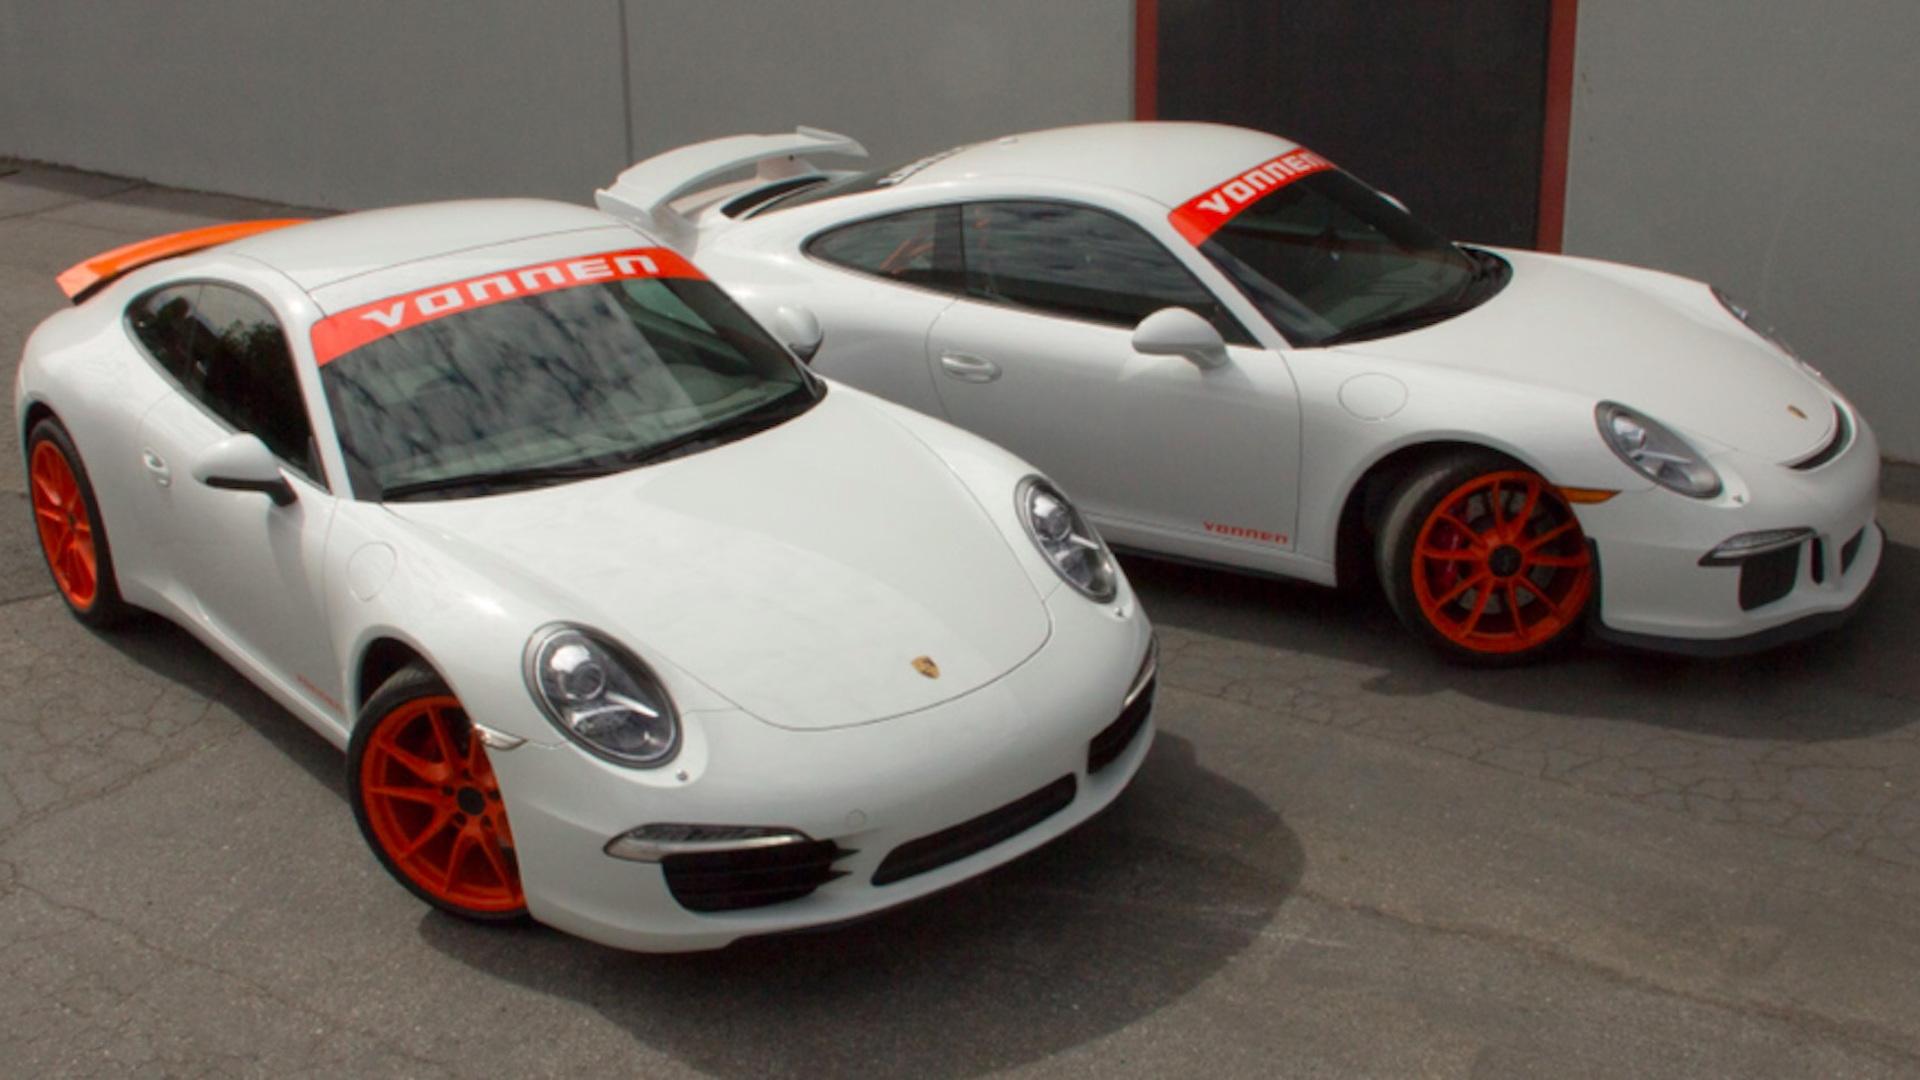 Vonnen Performance Porsche Hybrid system